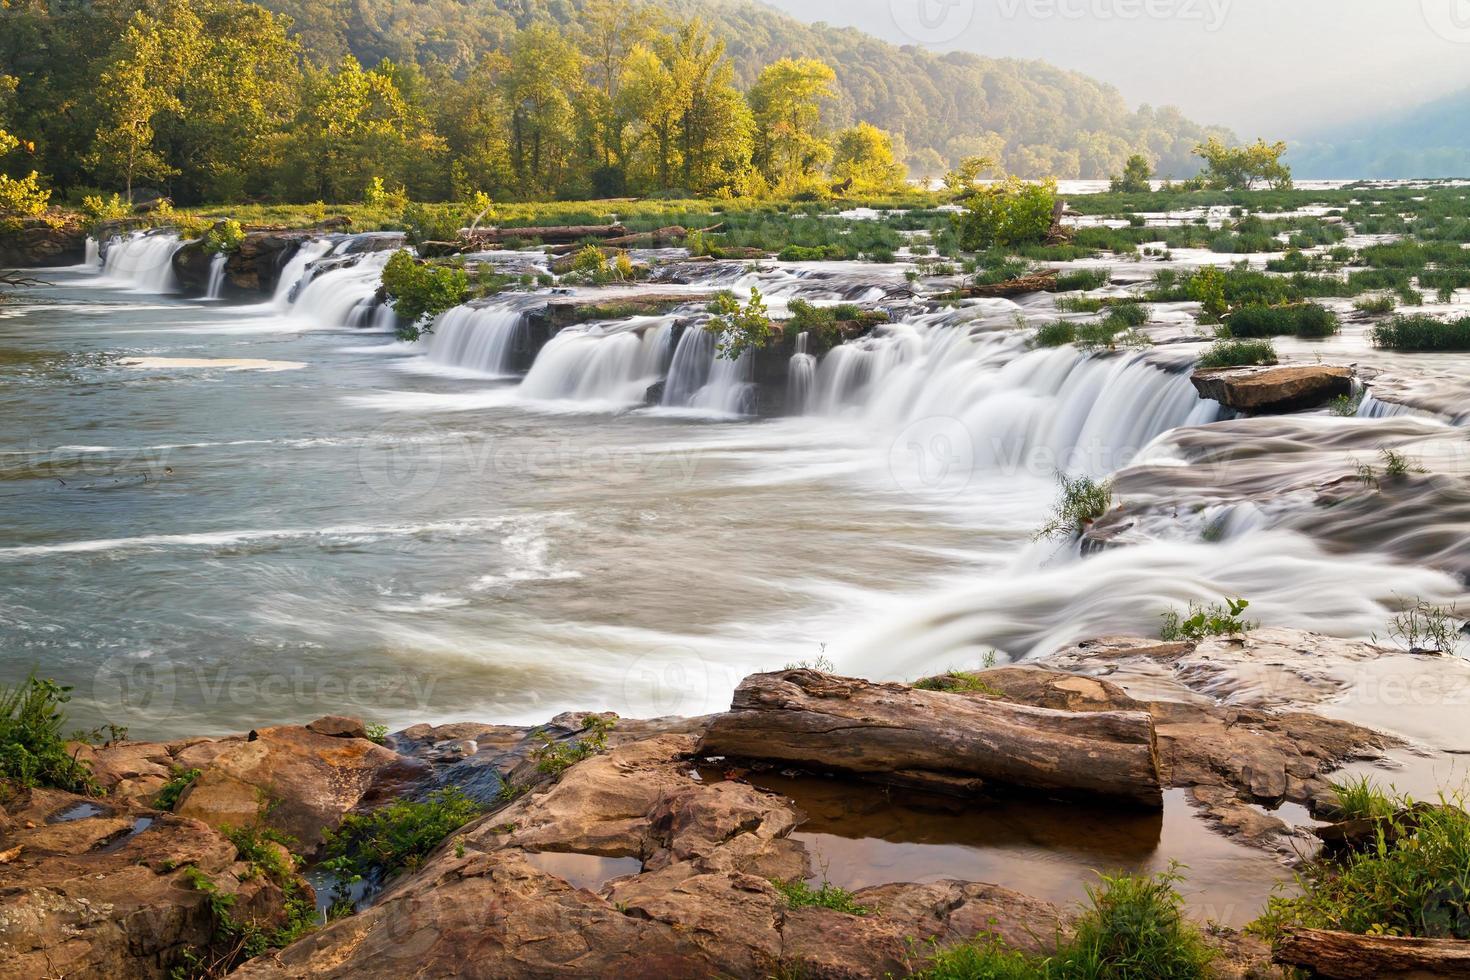 arenaria cade sul nuovo fiume foto